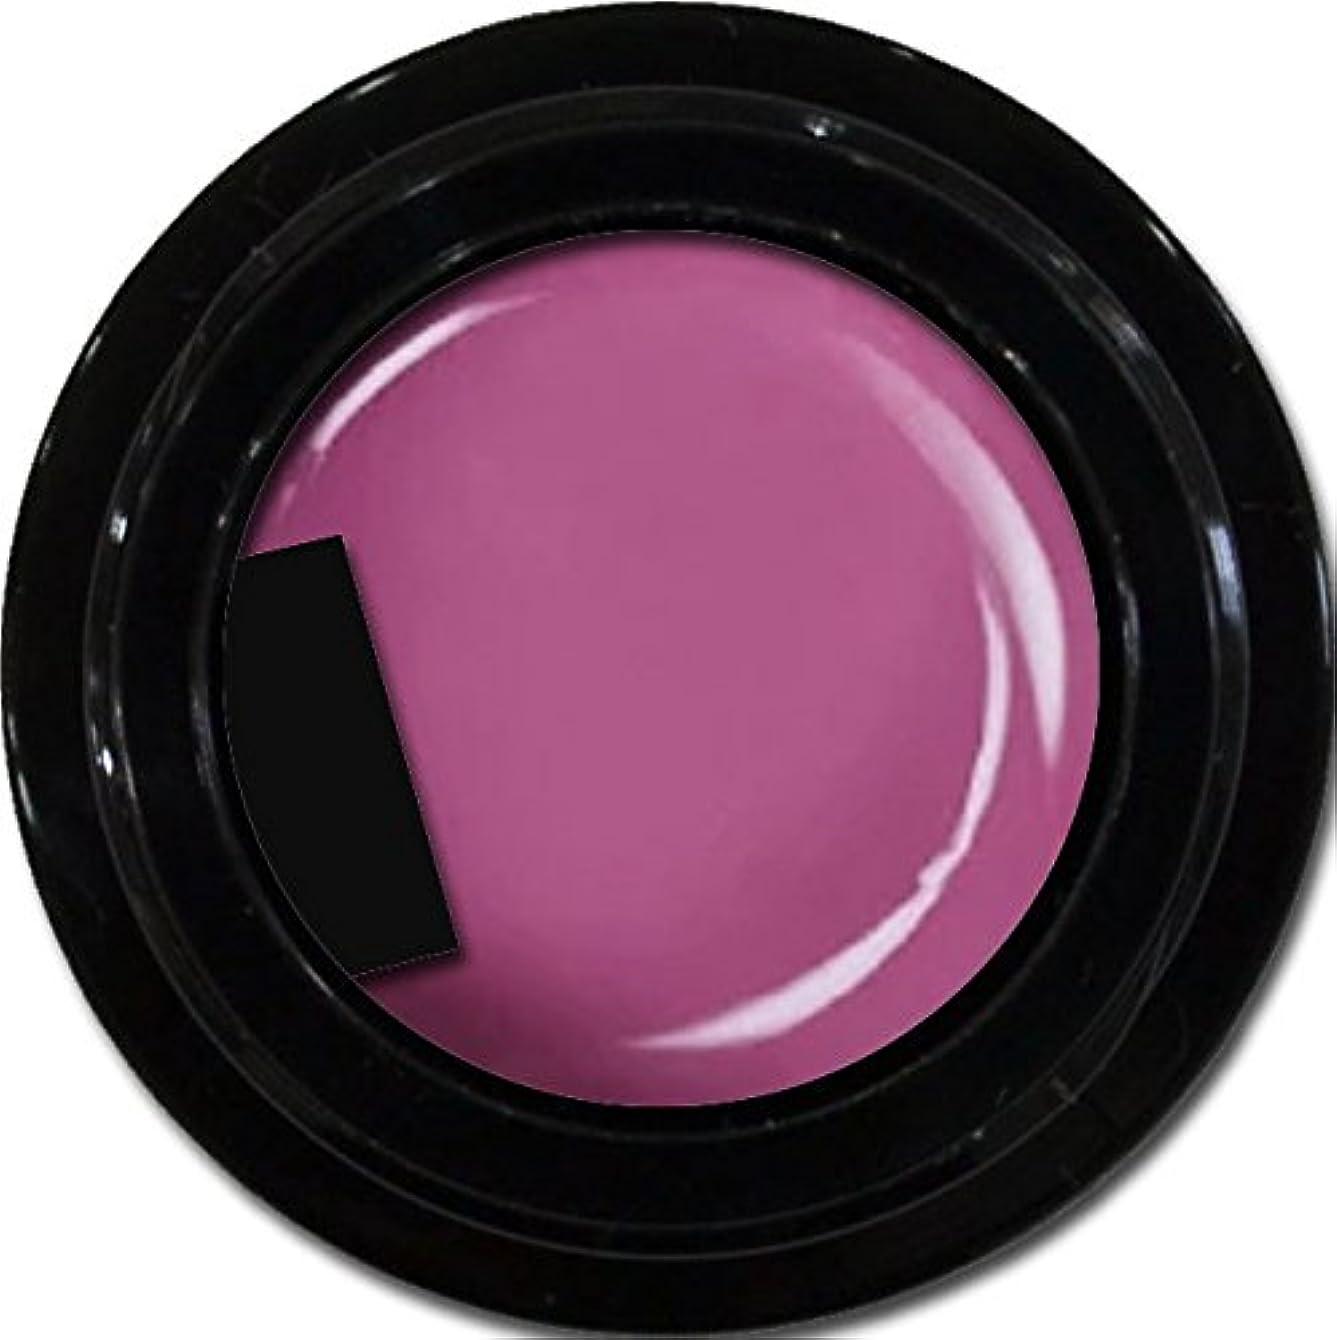 再生覚醒ポールカラージェル enchant color gel M513 RubyViolet3g/ マットカラージェル M513ルビーヴァイオレット 3グラム